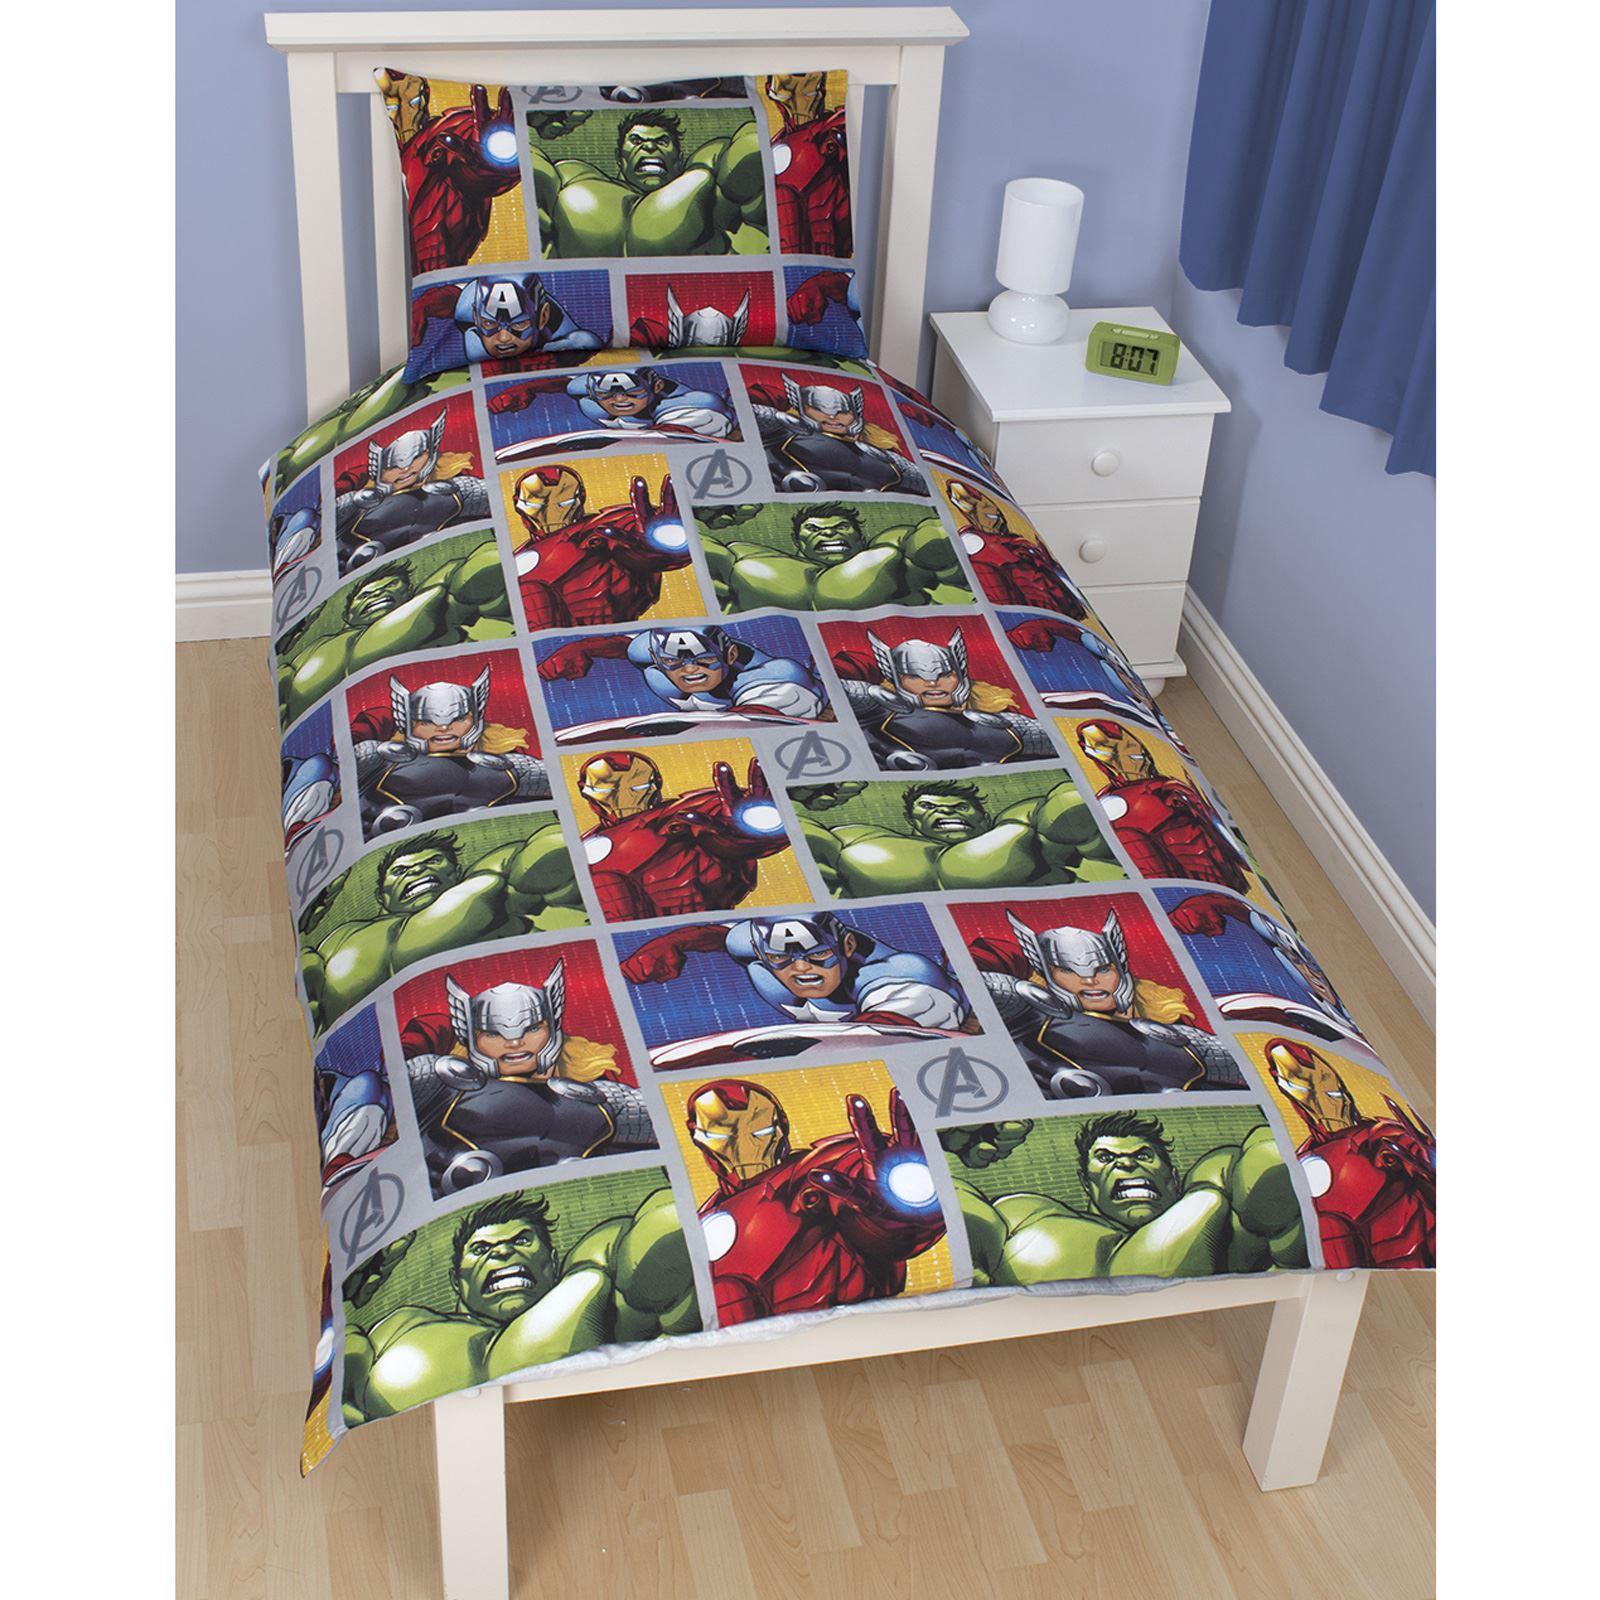 Hulk Bedroom Accessories